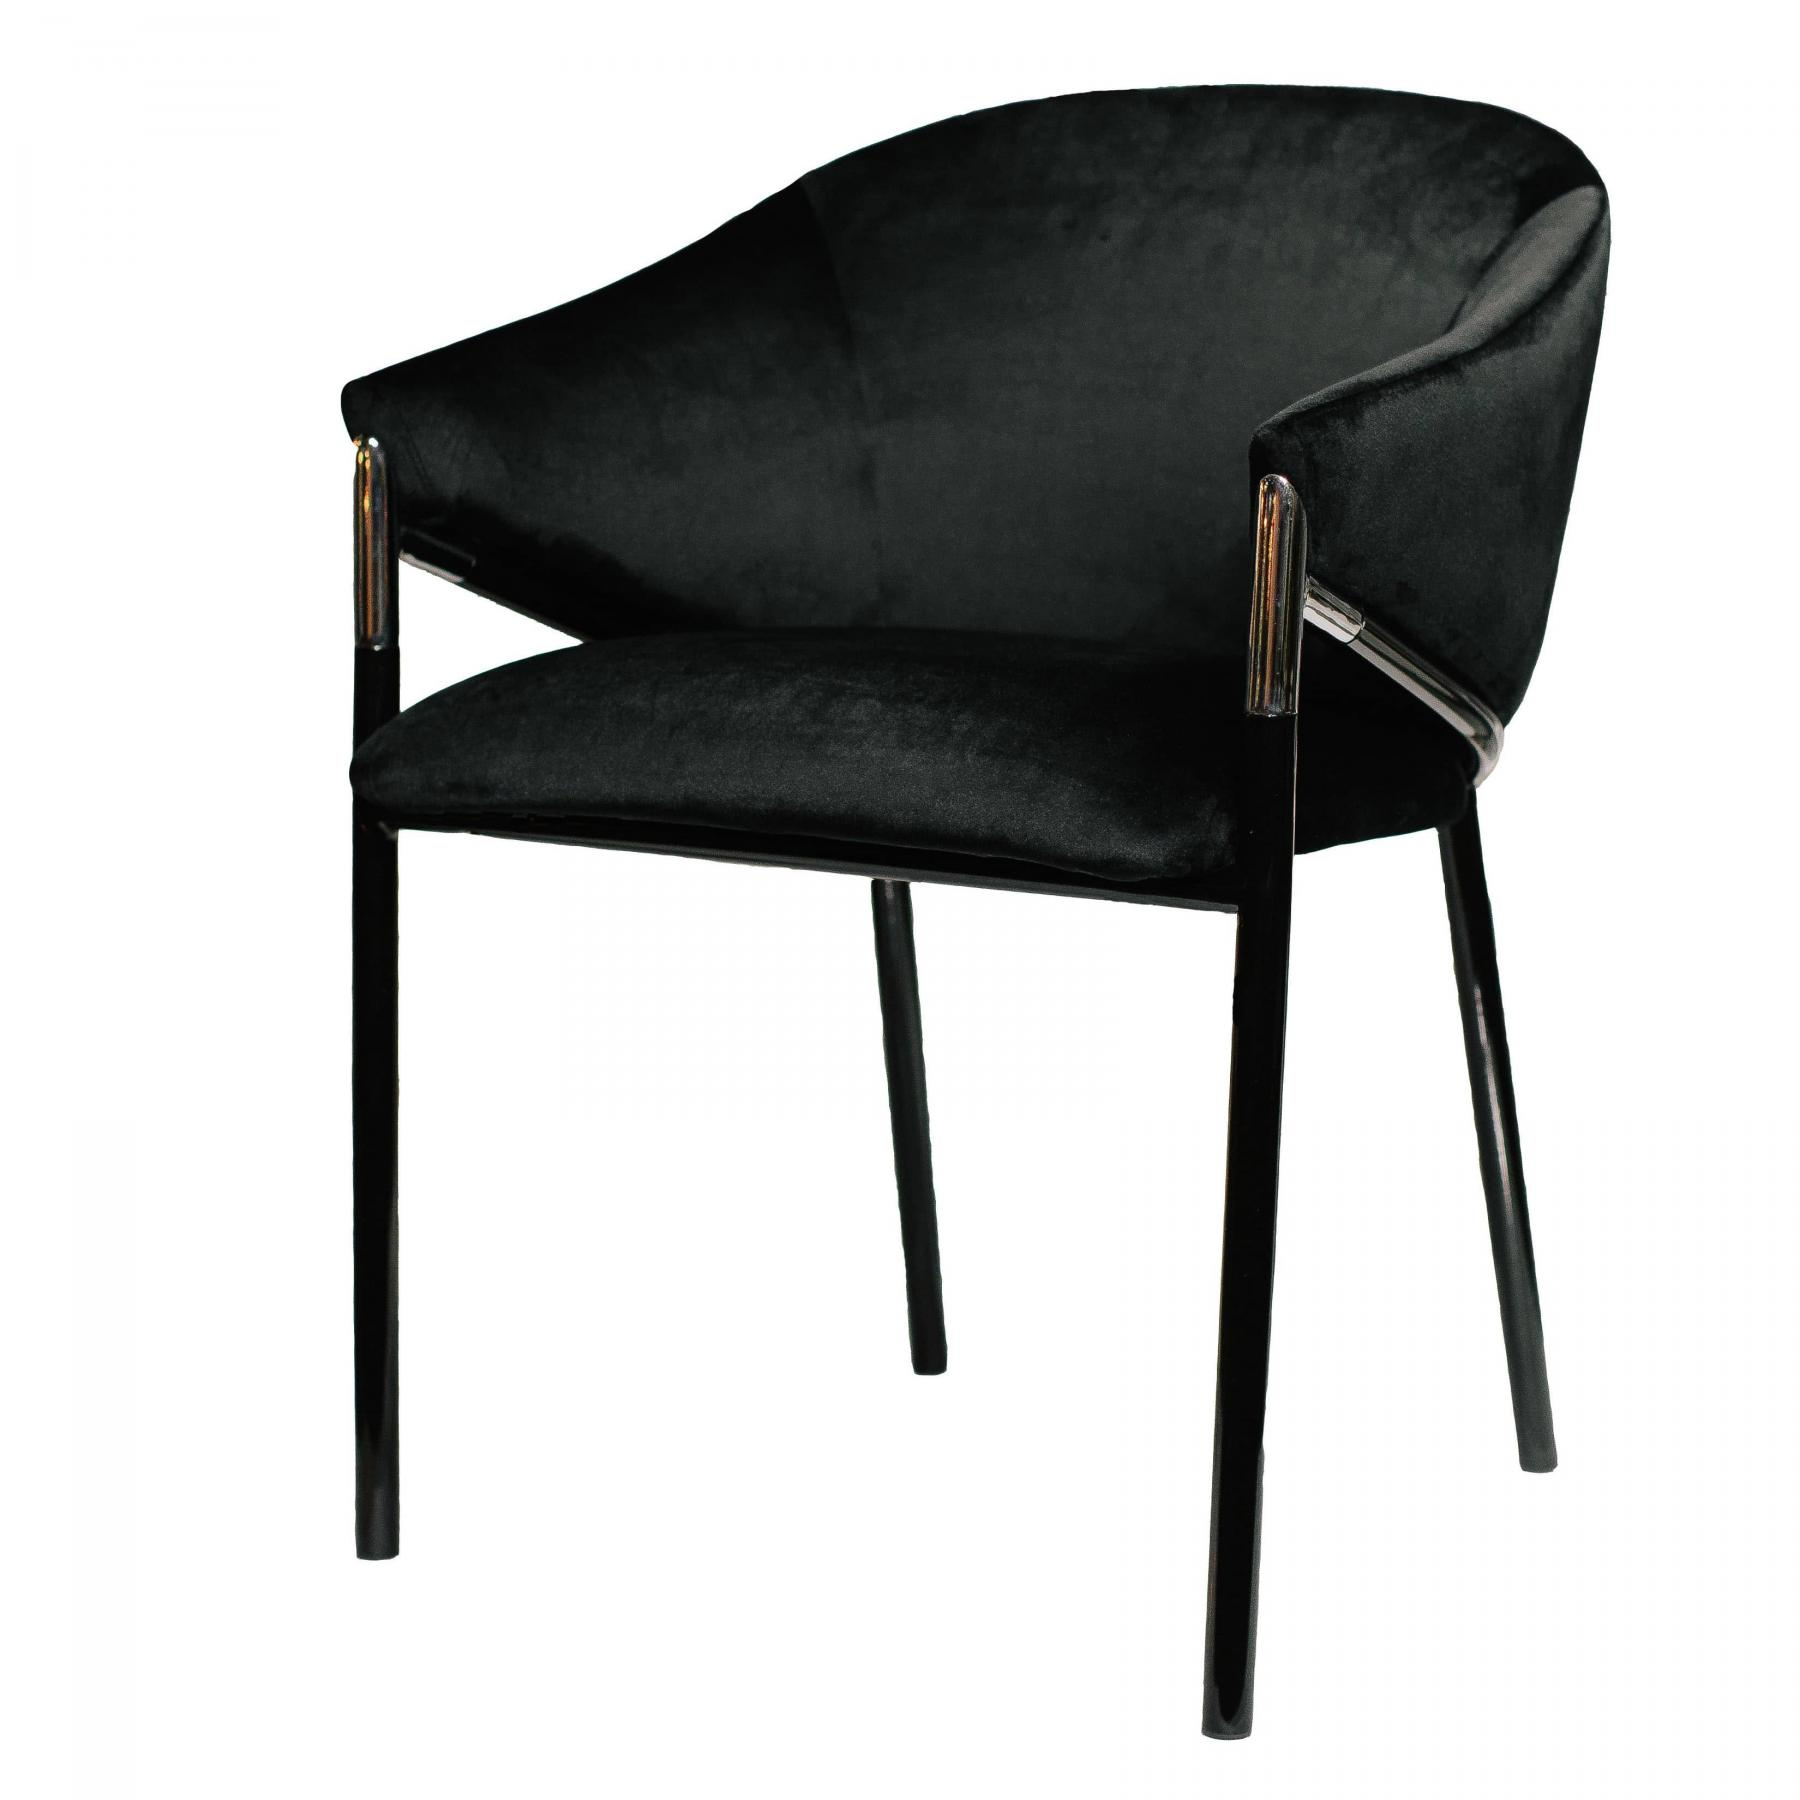 Элитная мебель в магазинах RAROOM: стулья